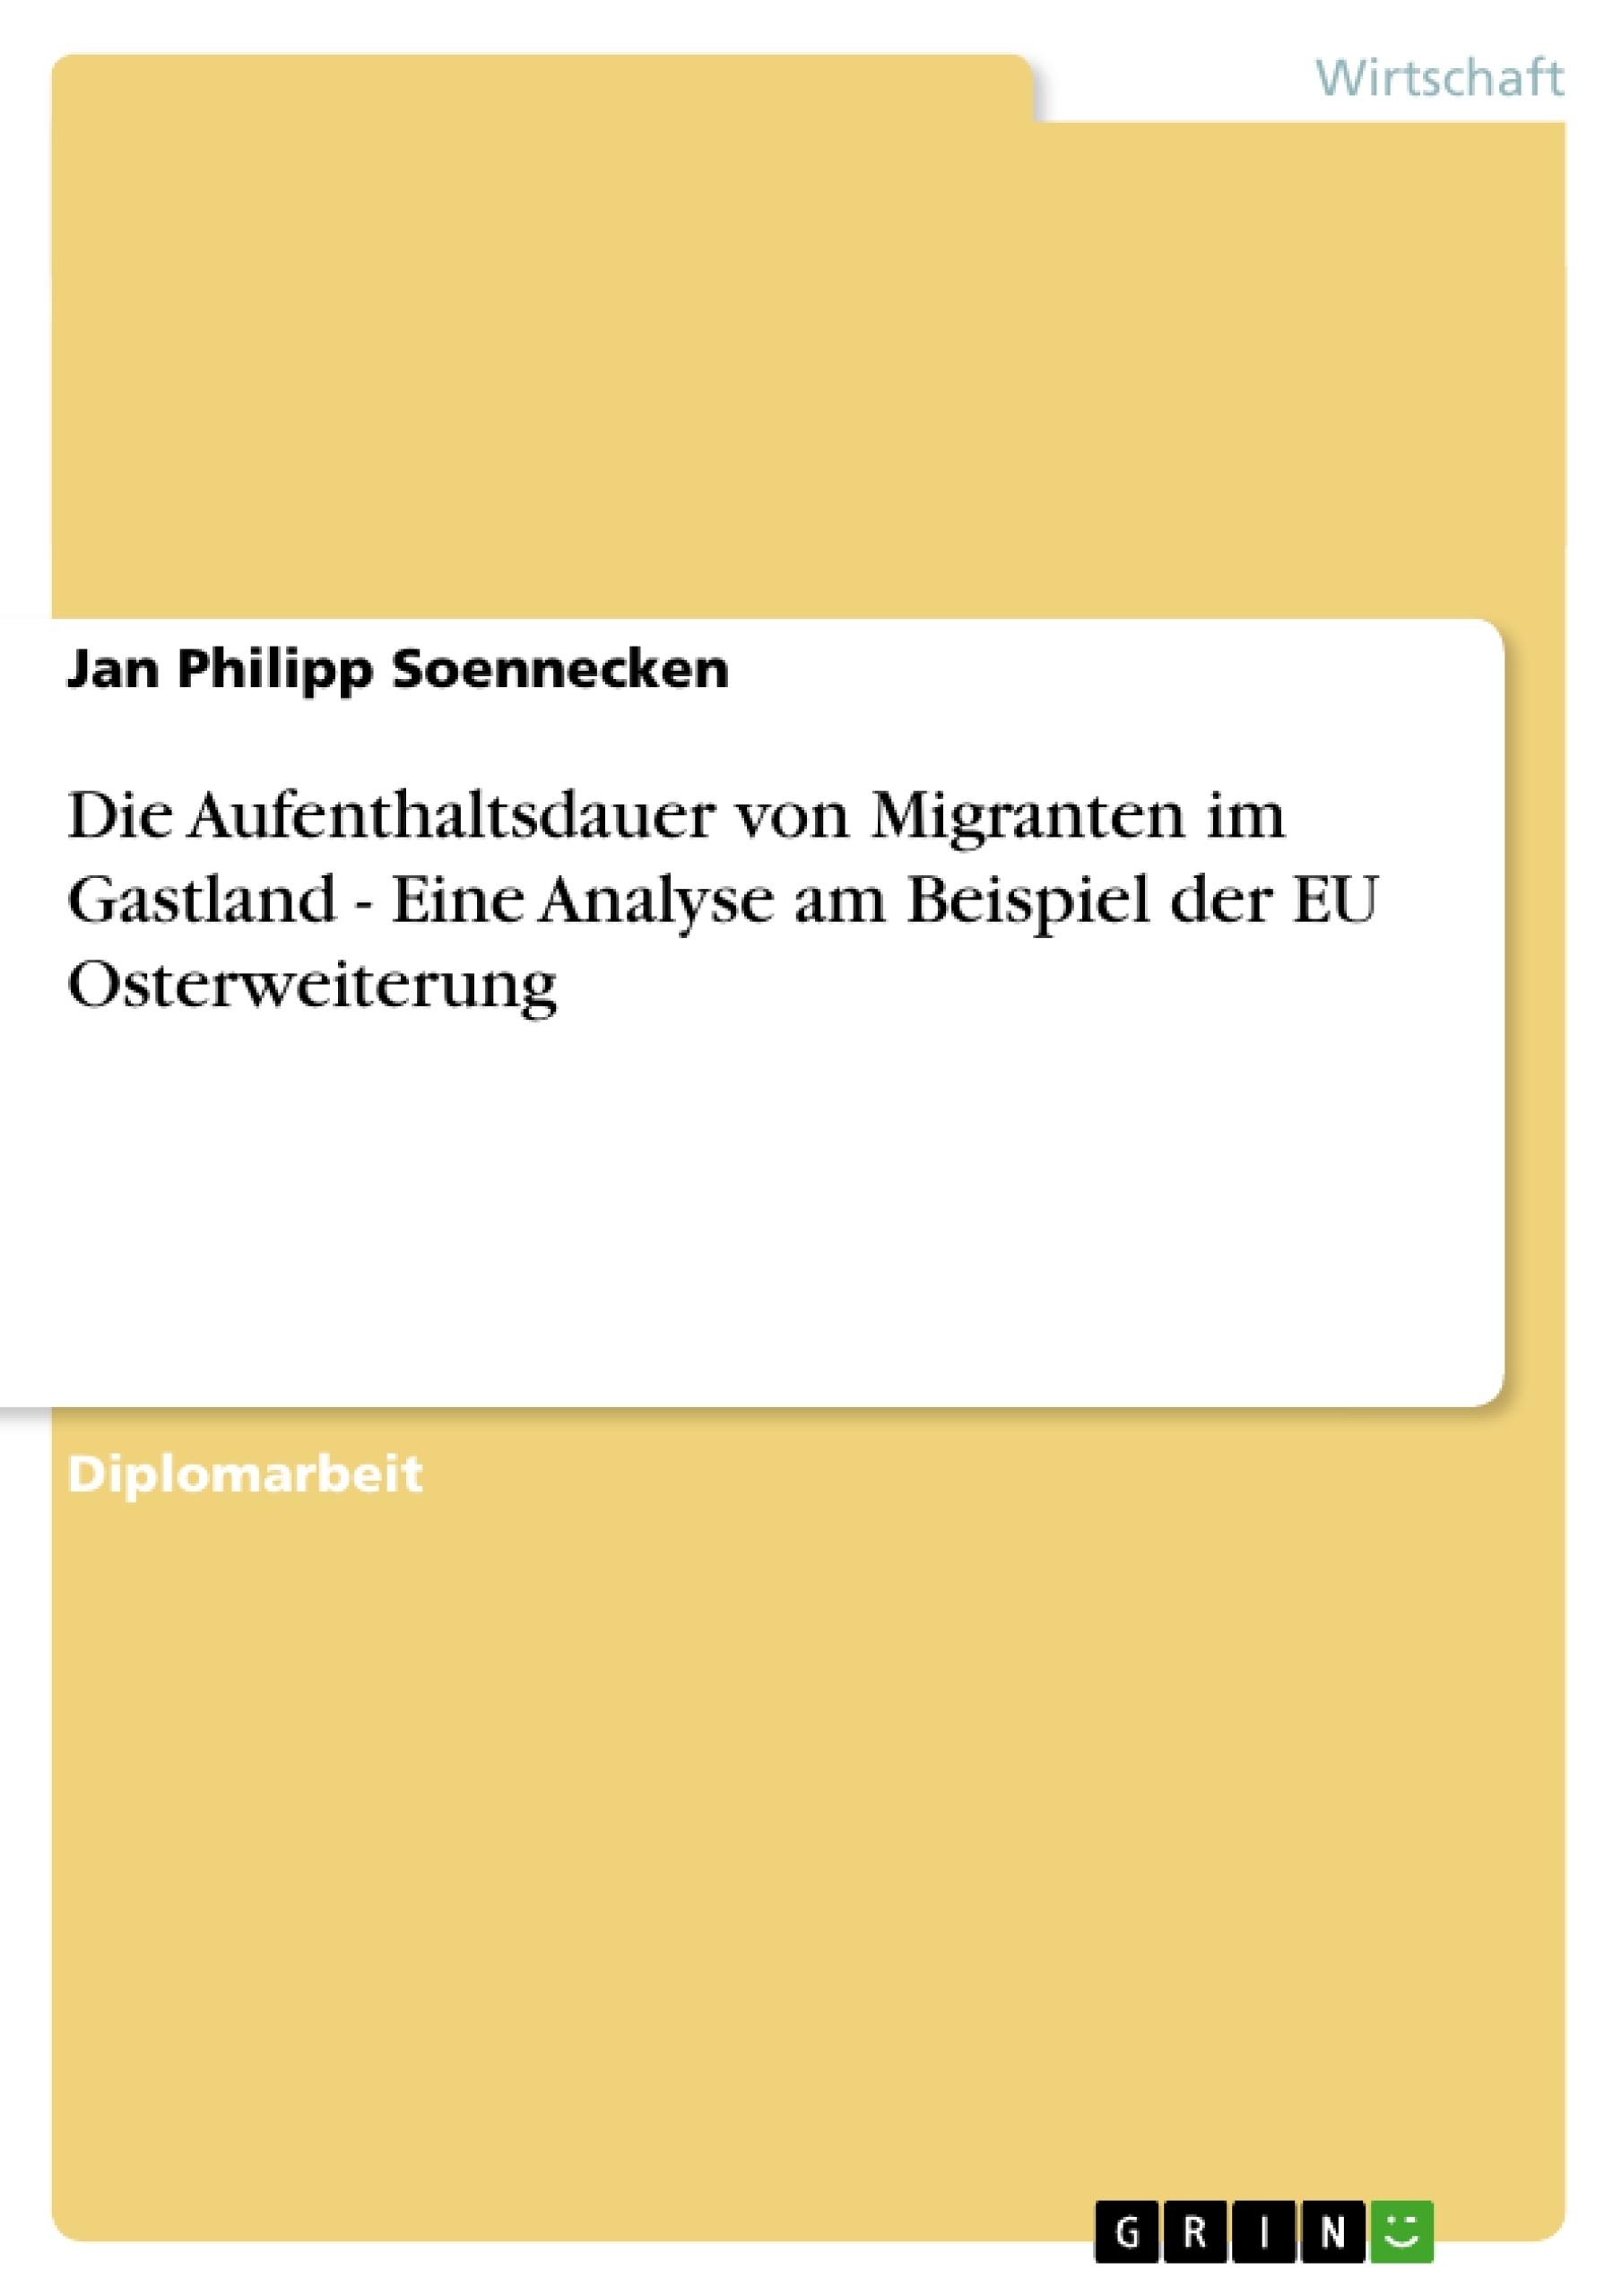 Titel: Die Aufenthaltsdauer von Migranten im Gastland - Eine Analyse am Beispiel der EU Osterweiterung